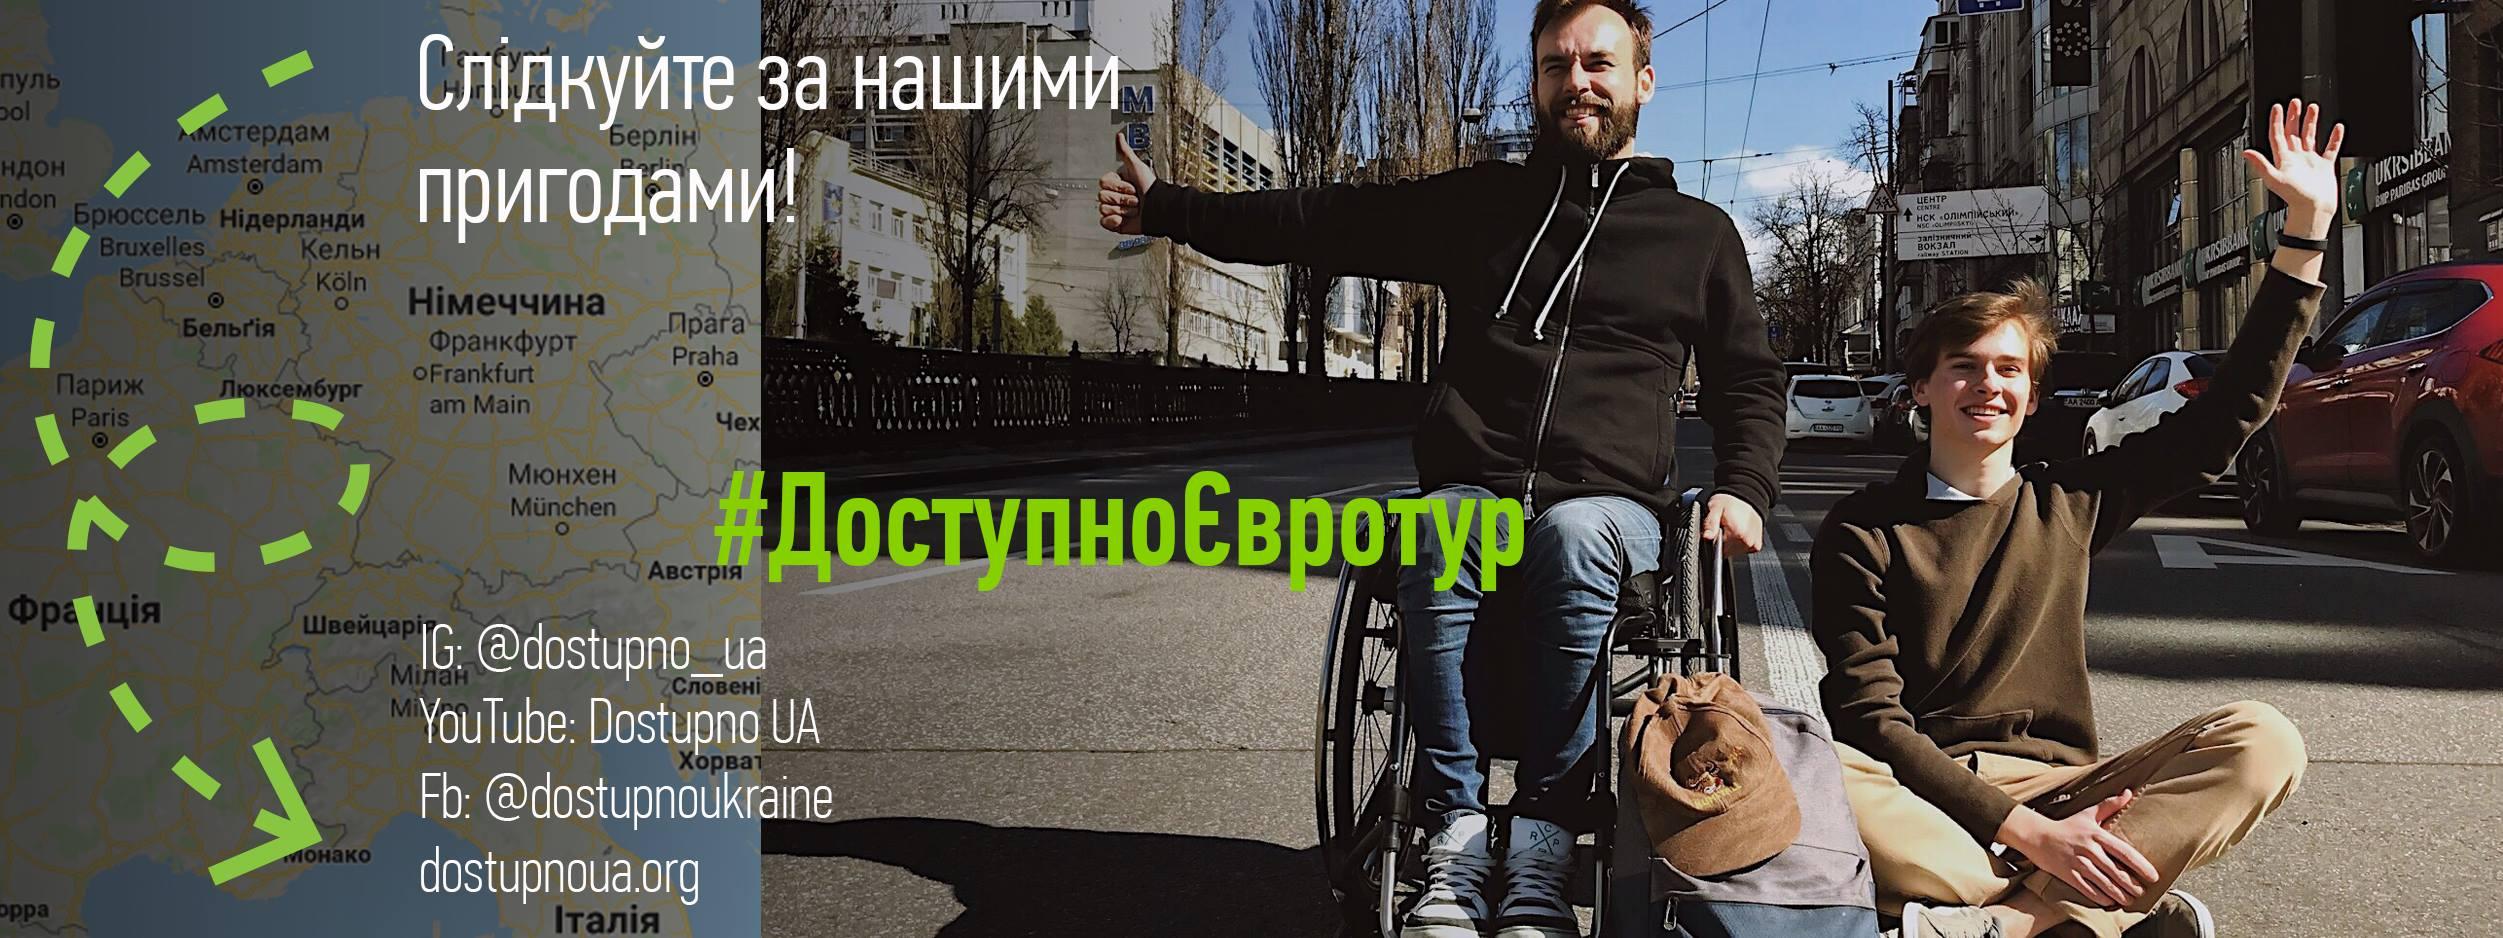 Промо проекту «Доступно.UA»